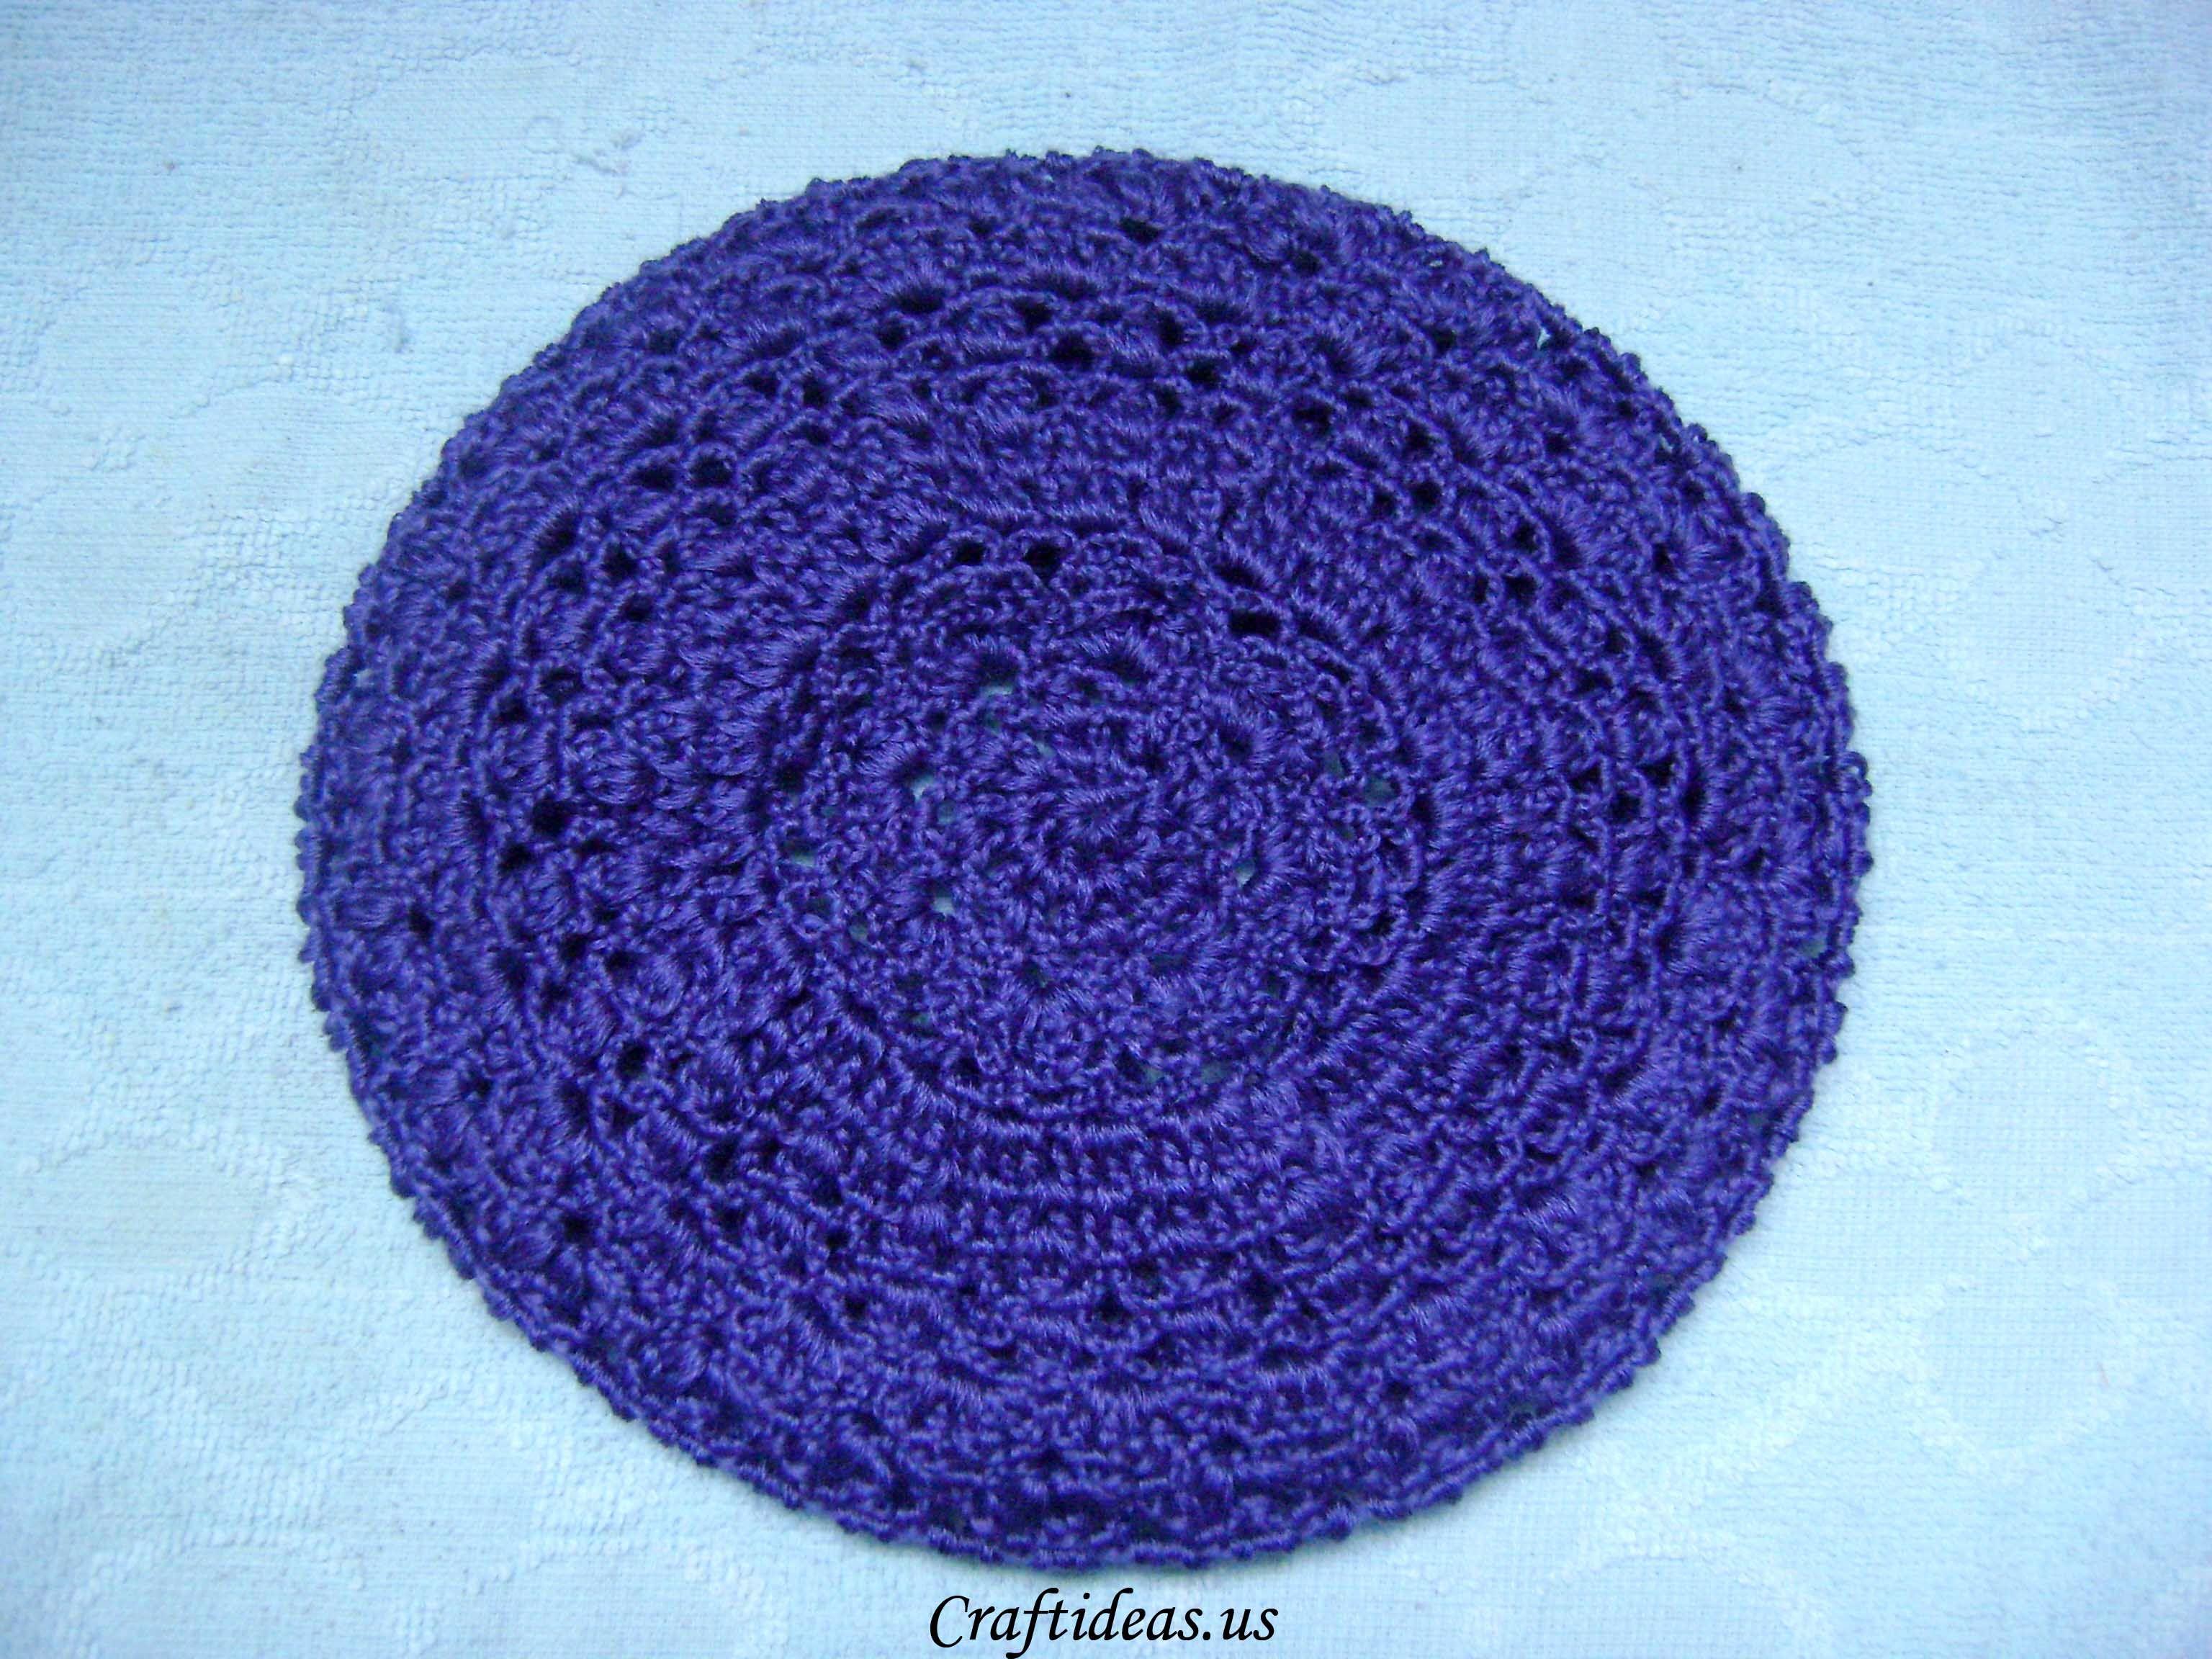 Hobby Craft Ideas Kids Part - 40: Crochet Beret For Girls - Craft Ideas - Crafts For Kids - HobbyCraft   Craft  Ideas